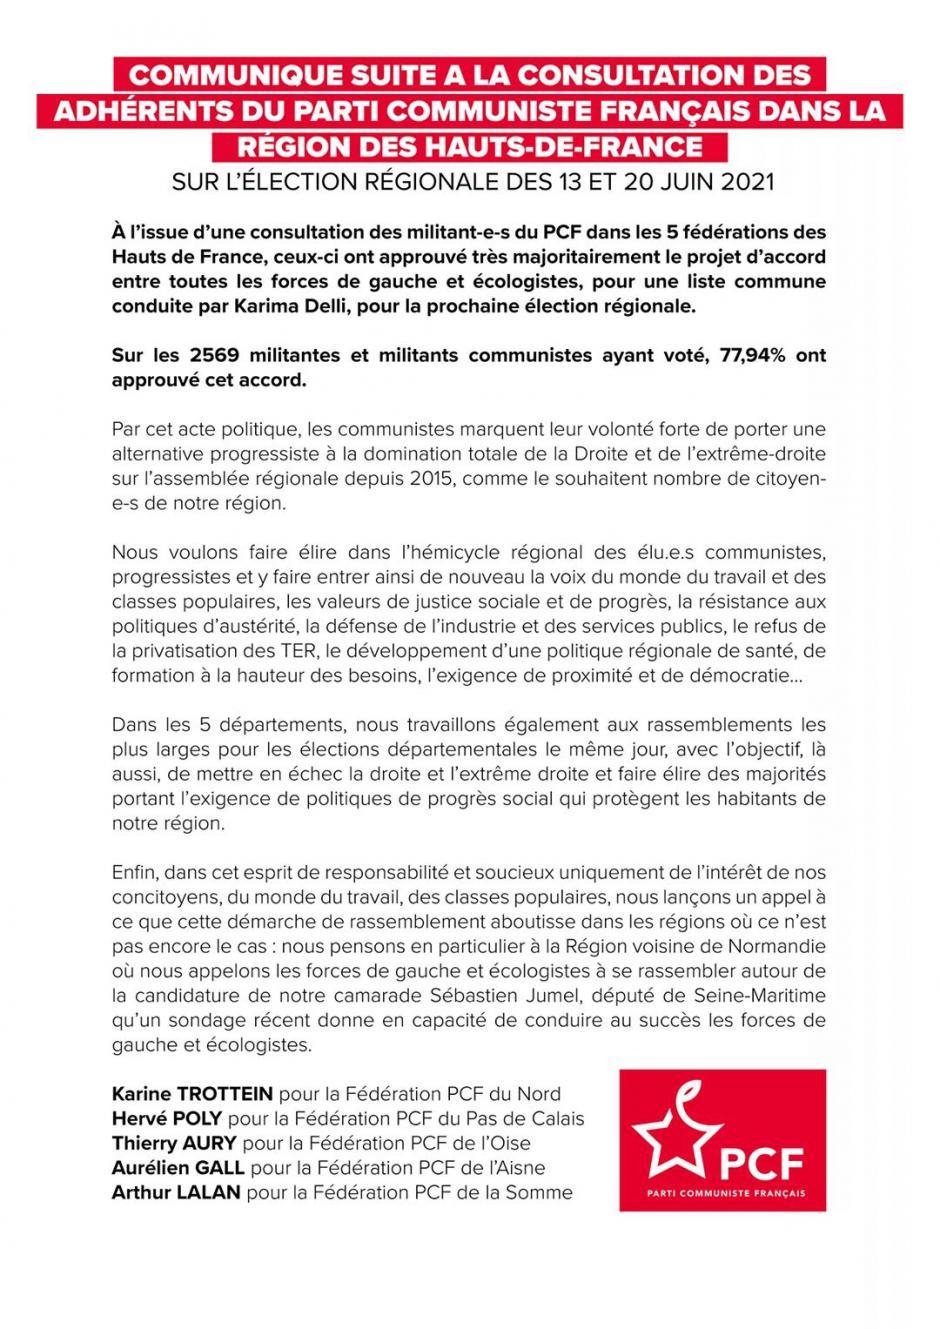 Communiqué suite à la consultation des adhérent·e·s du Parti communiste français dans la région des Hauts-de-France - 25 mars 2021